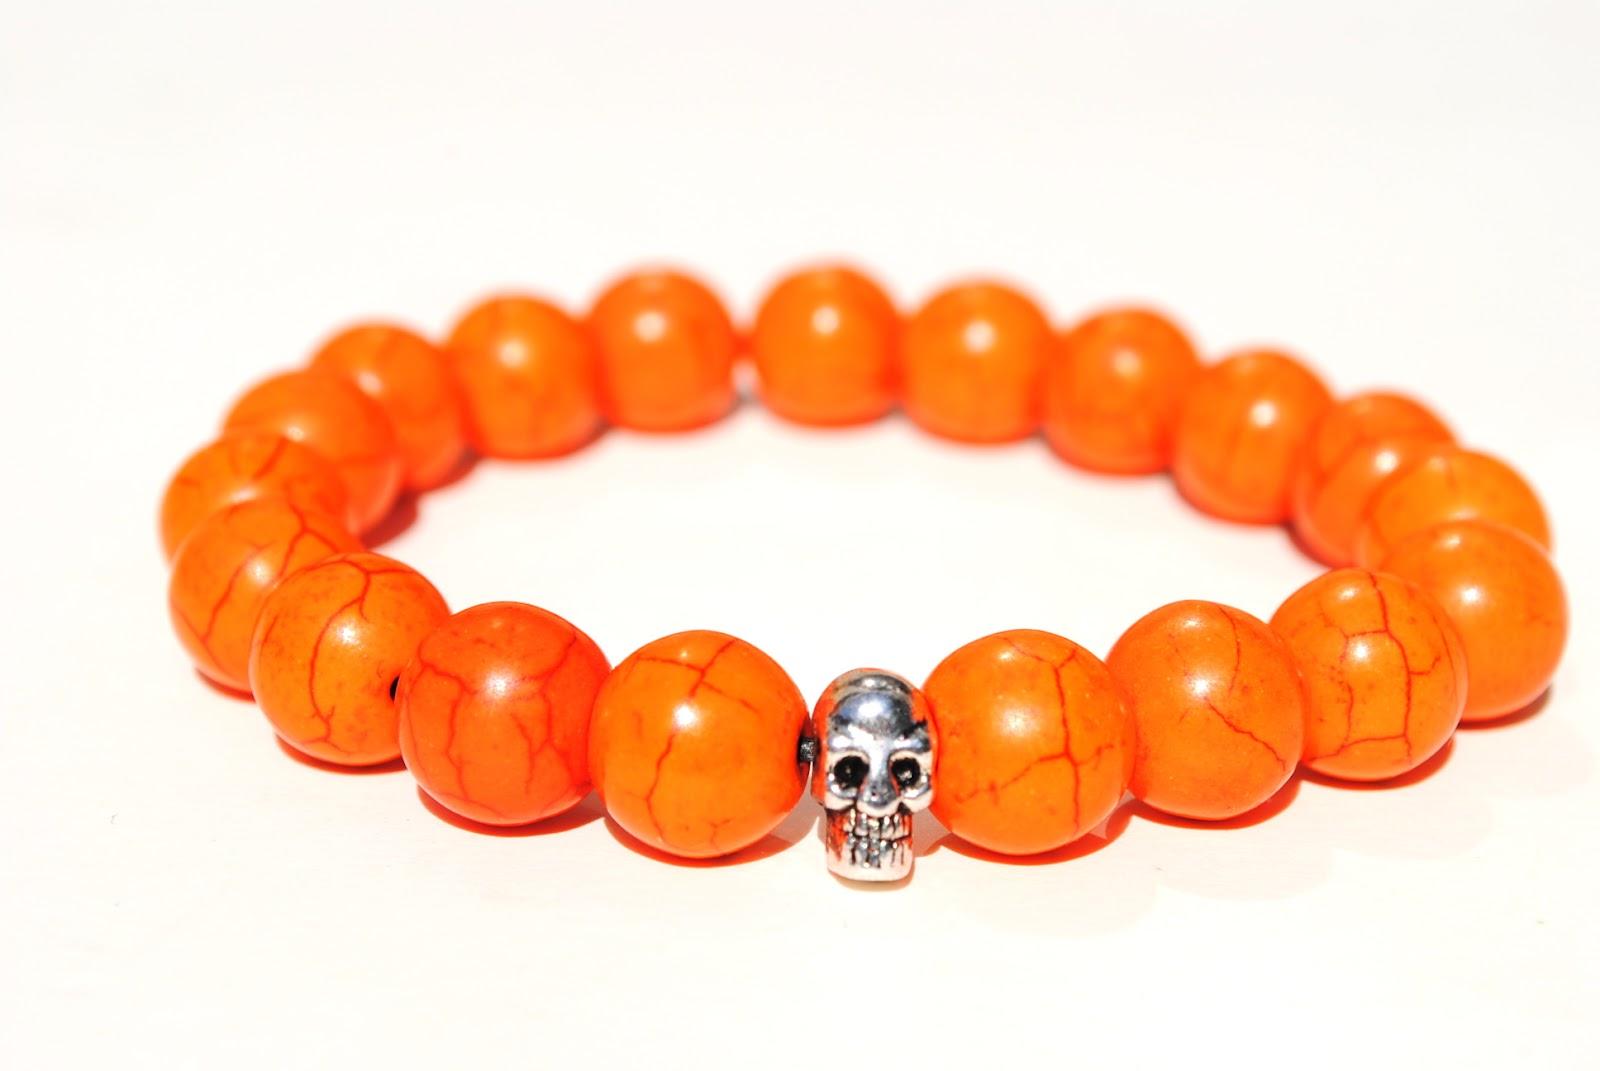 Made For Men Orange Skull Boybeads Bracelets For Halloween. Oversized Pendant. Diamond Stud Earrings. Cute Jewelry. Cartier Bangles. Rose Gold Engagement Rings. Blue Sapphire Stud Earrings. Rhinestone Engagement Rings. Gold Chain Necklace